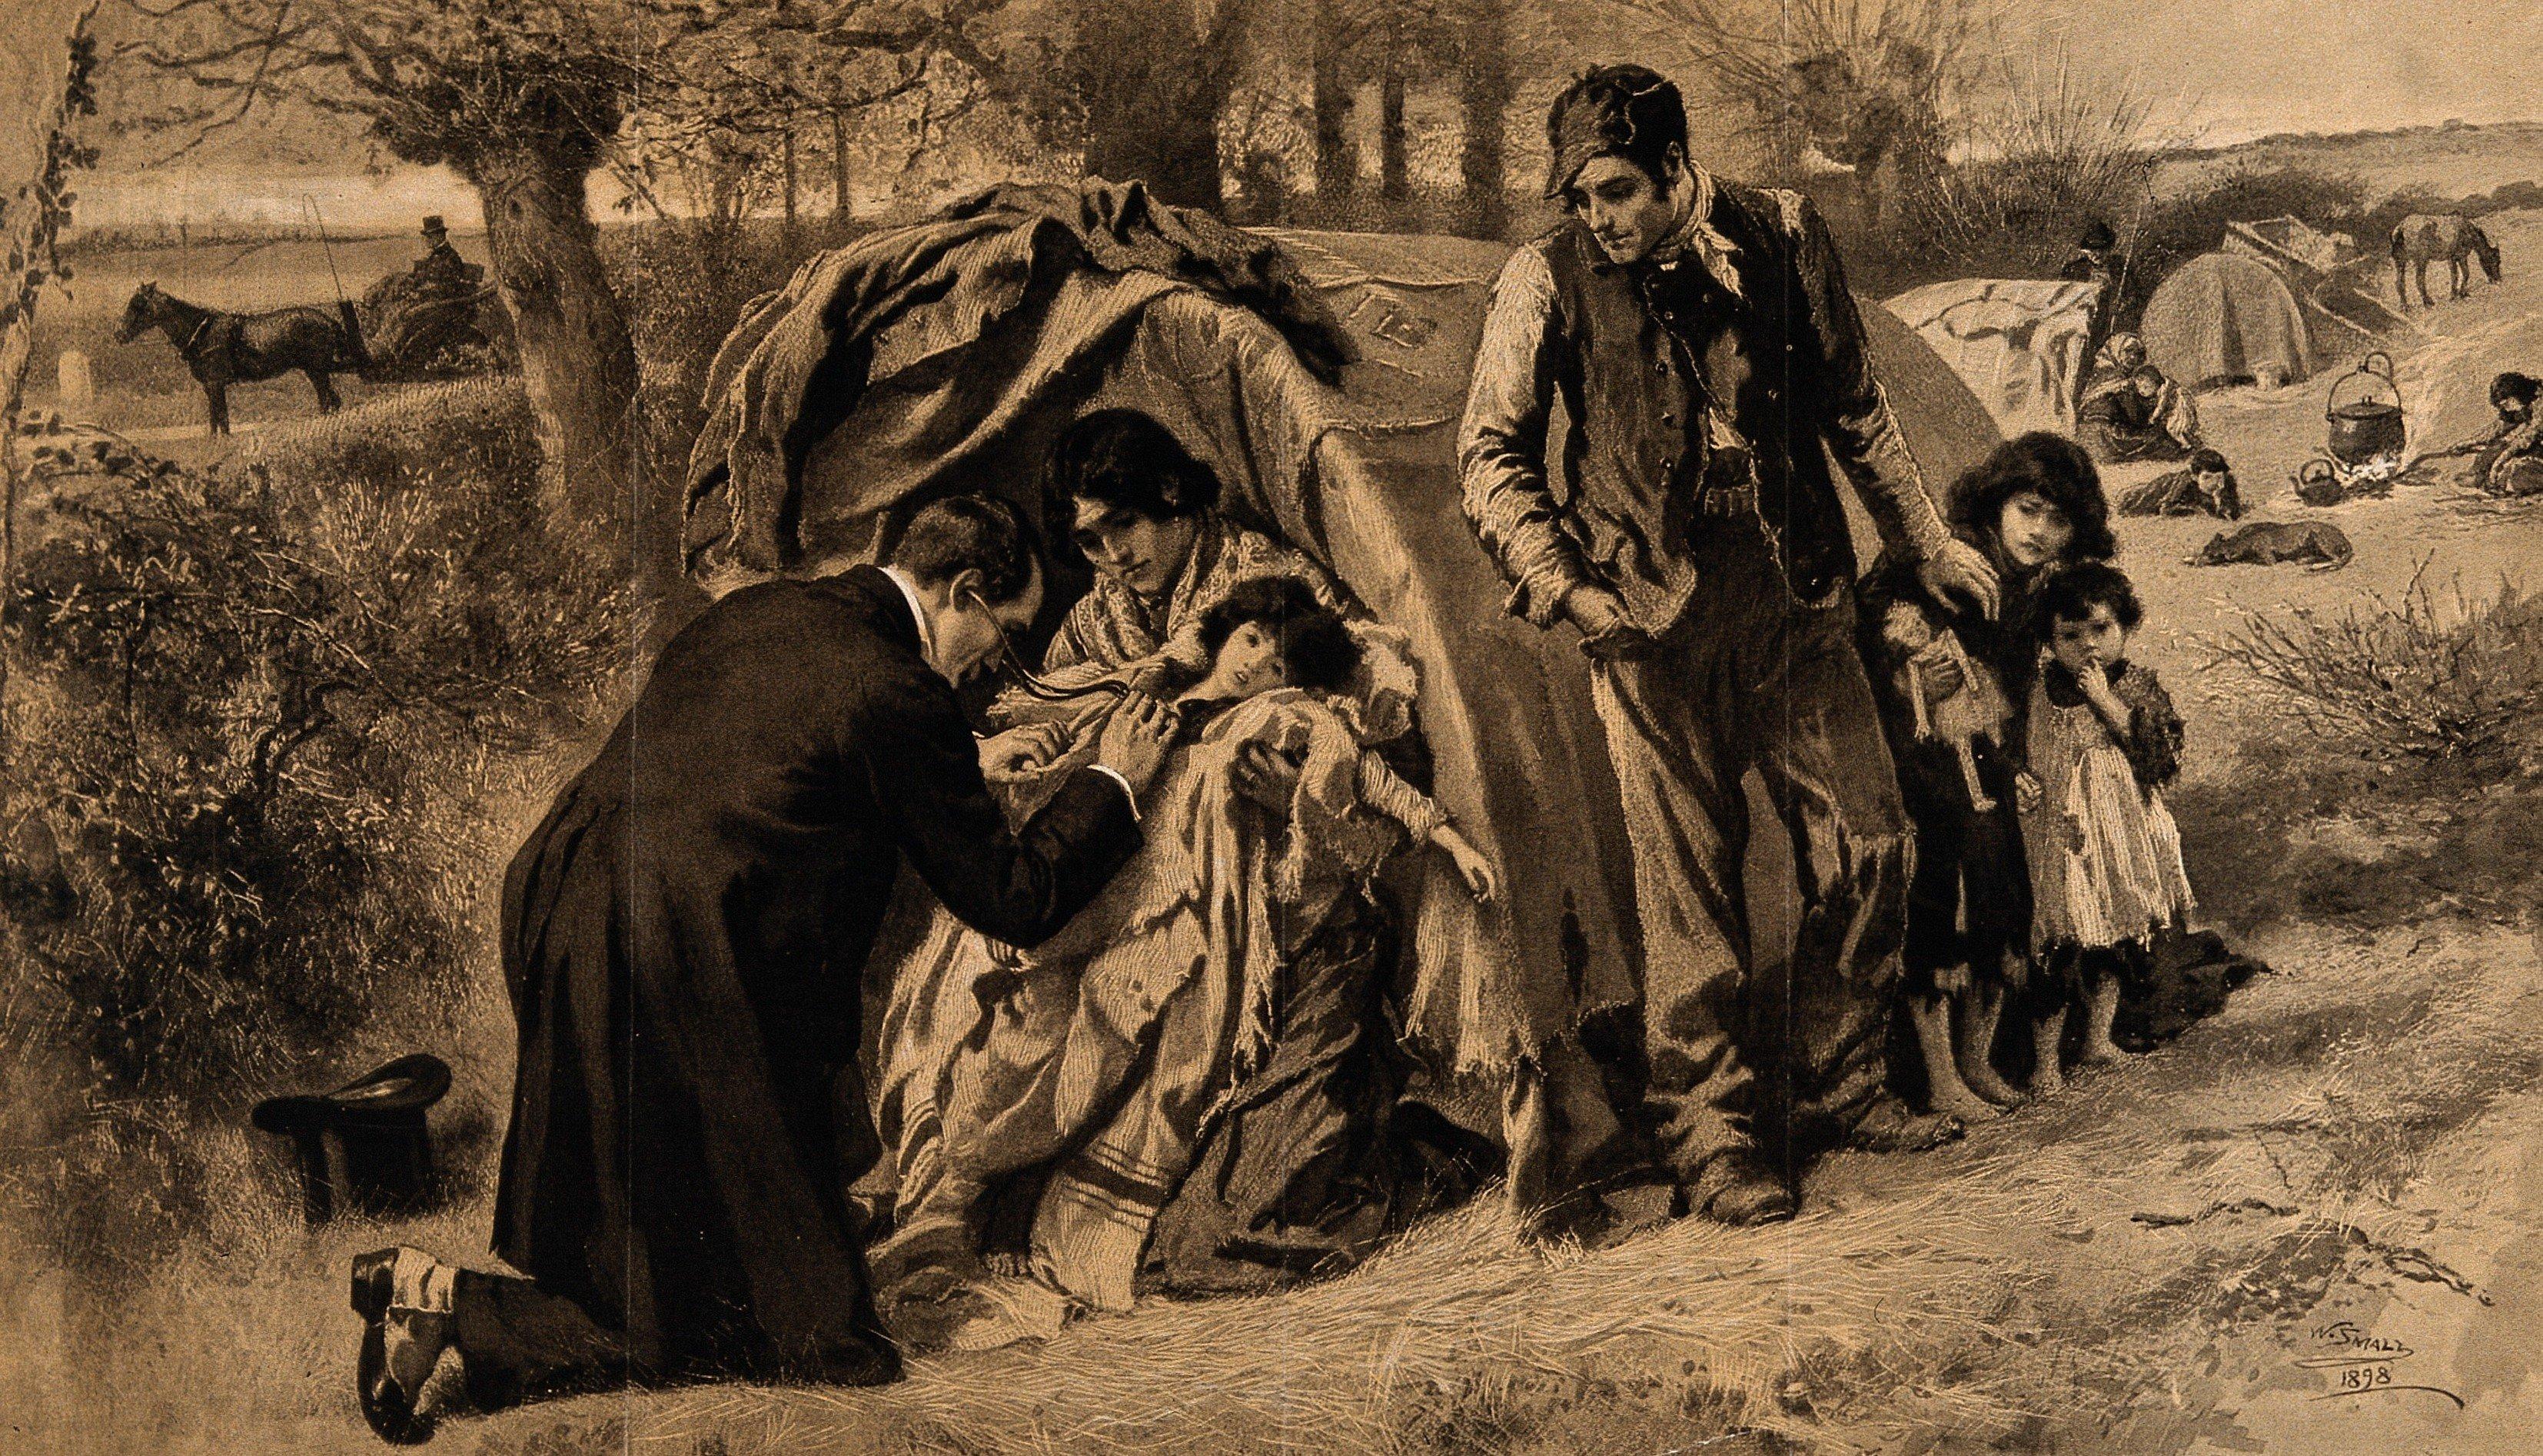 8 апреля — Международный день цыган. Этническая группа рома́ — одна из западных ветвей цыган — фото 1